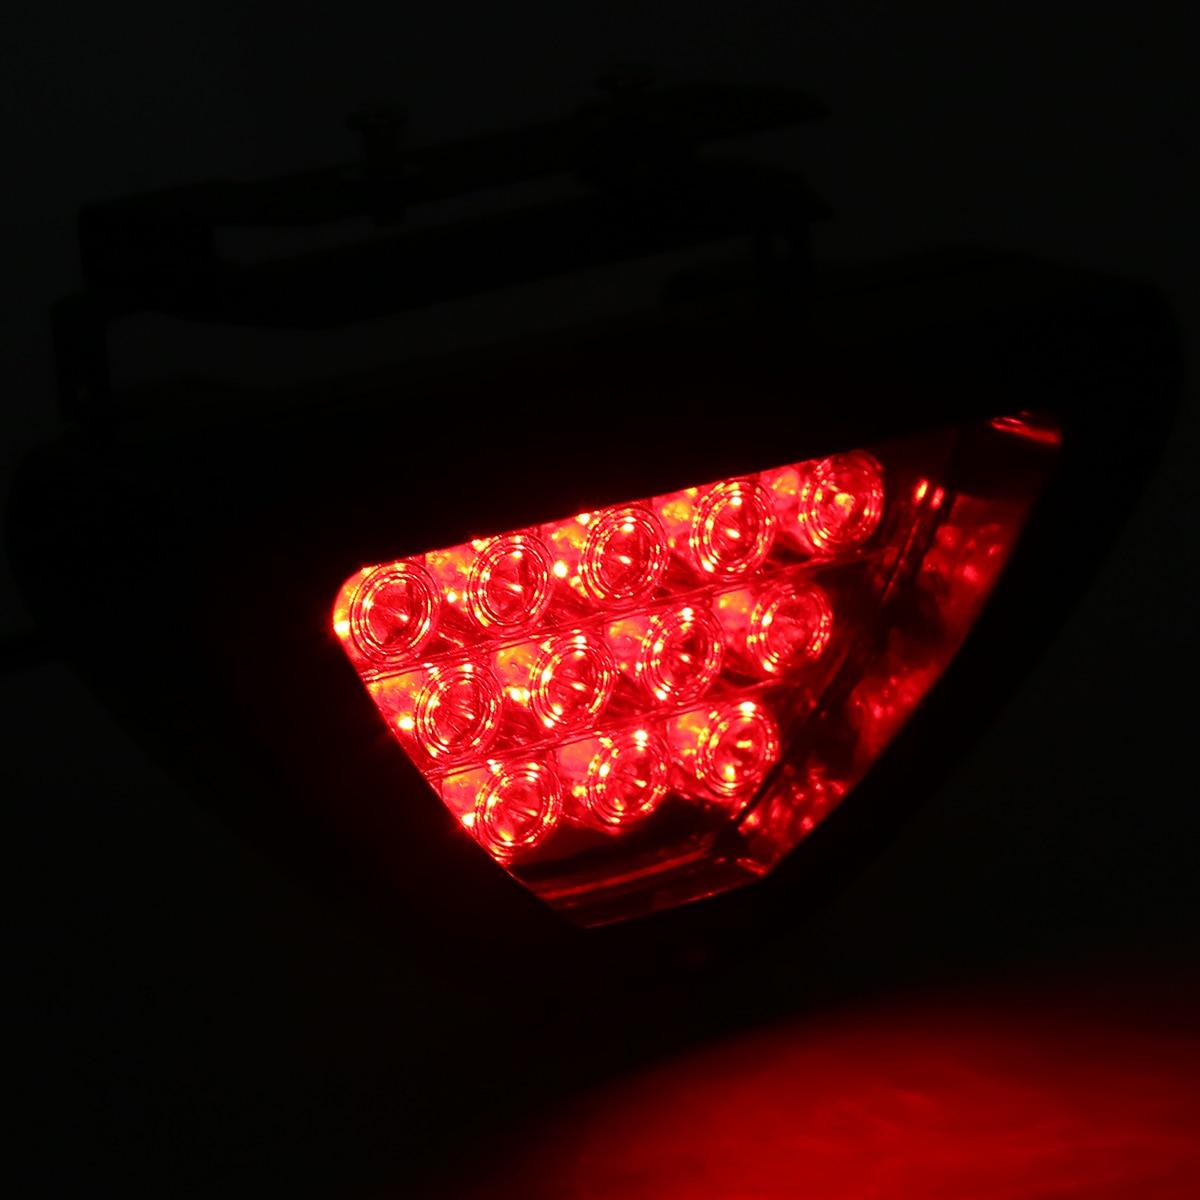 Mayitr 1pcs Car Tail Brake Light Universal F1 Style 12LED Red Car Third Rear Tail Brake Stop Lamp Safety Brake Lights